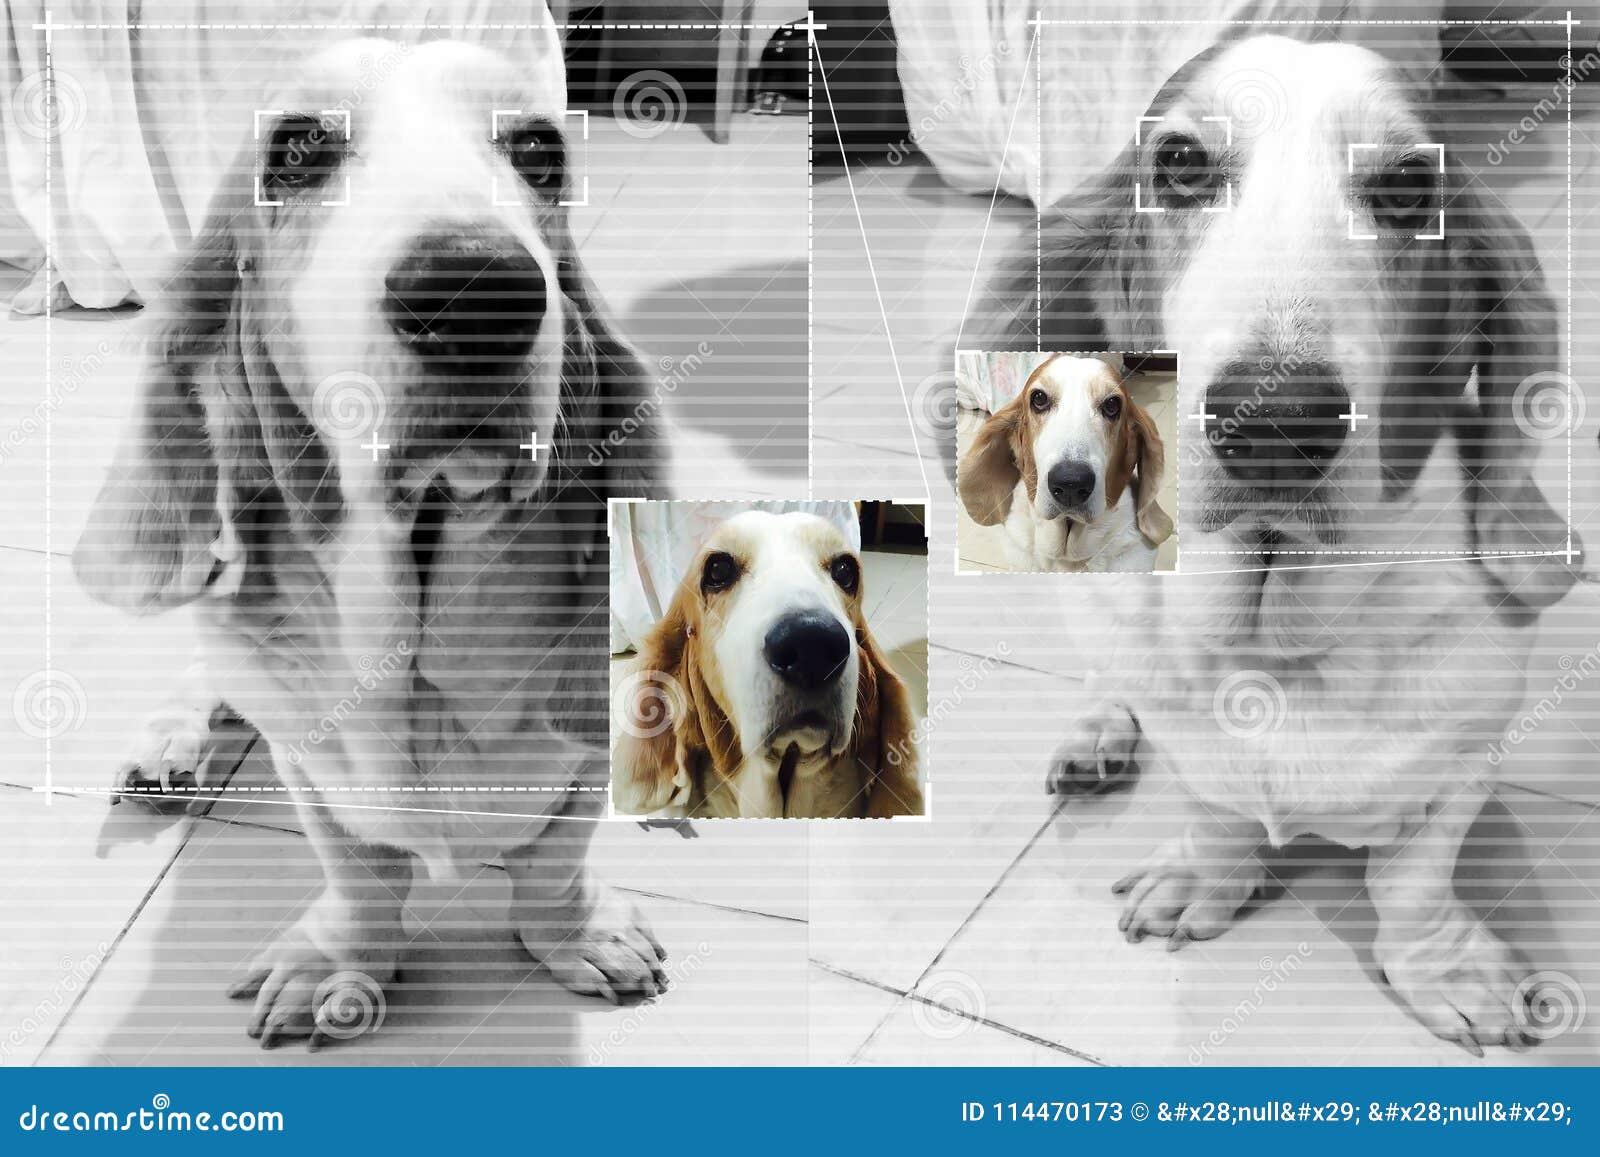 Τεχνολογία ανίχνευσης προσώπου για το κυνηγόσκυλο μπασέ σκυλιών με την οθόνη detec